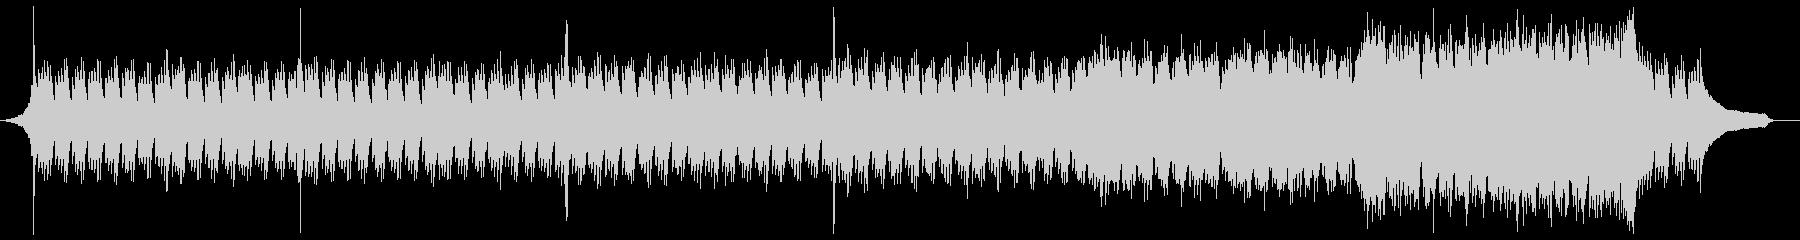 企業VP映像、111オーケストラ、爽快bの未再生の波形